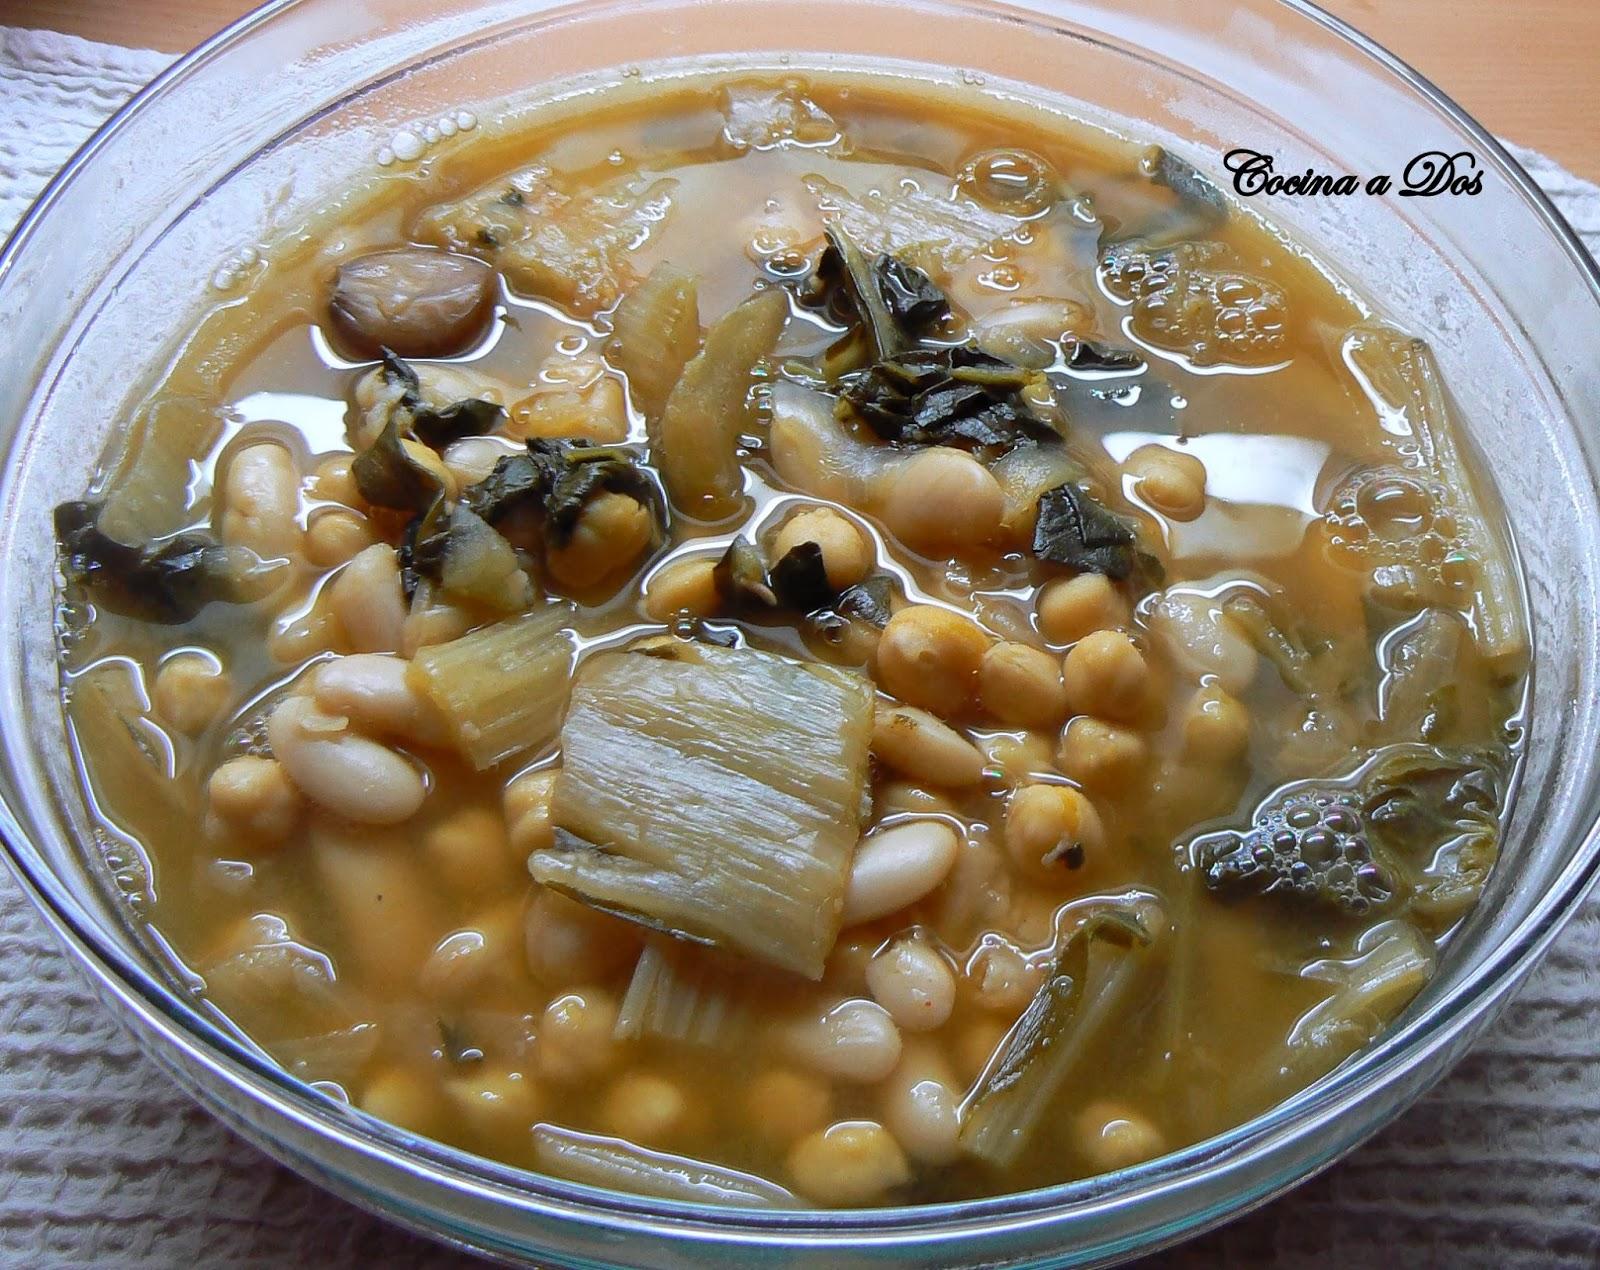 Cocina a dos potaje de garbanzos jud as verdes y cardos - Potaje de garbanzos y judias ...